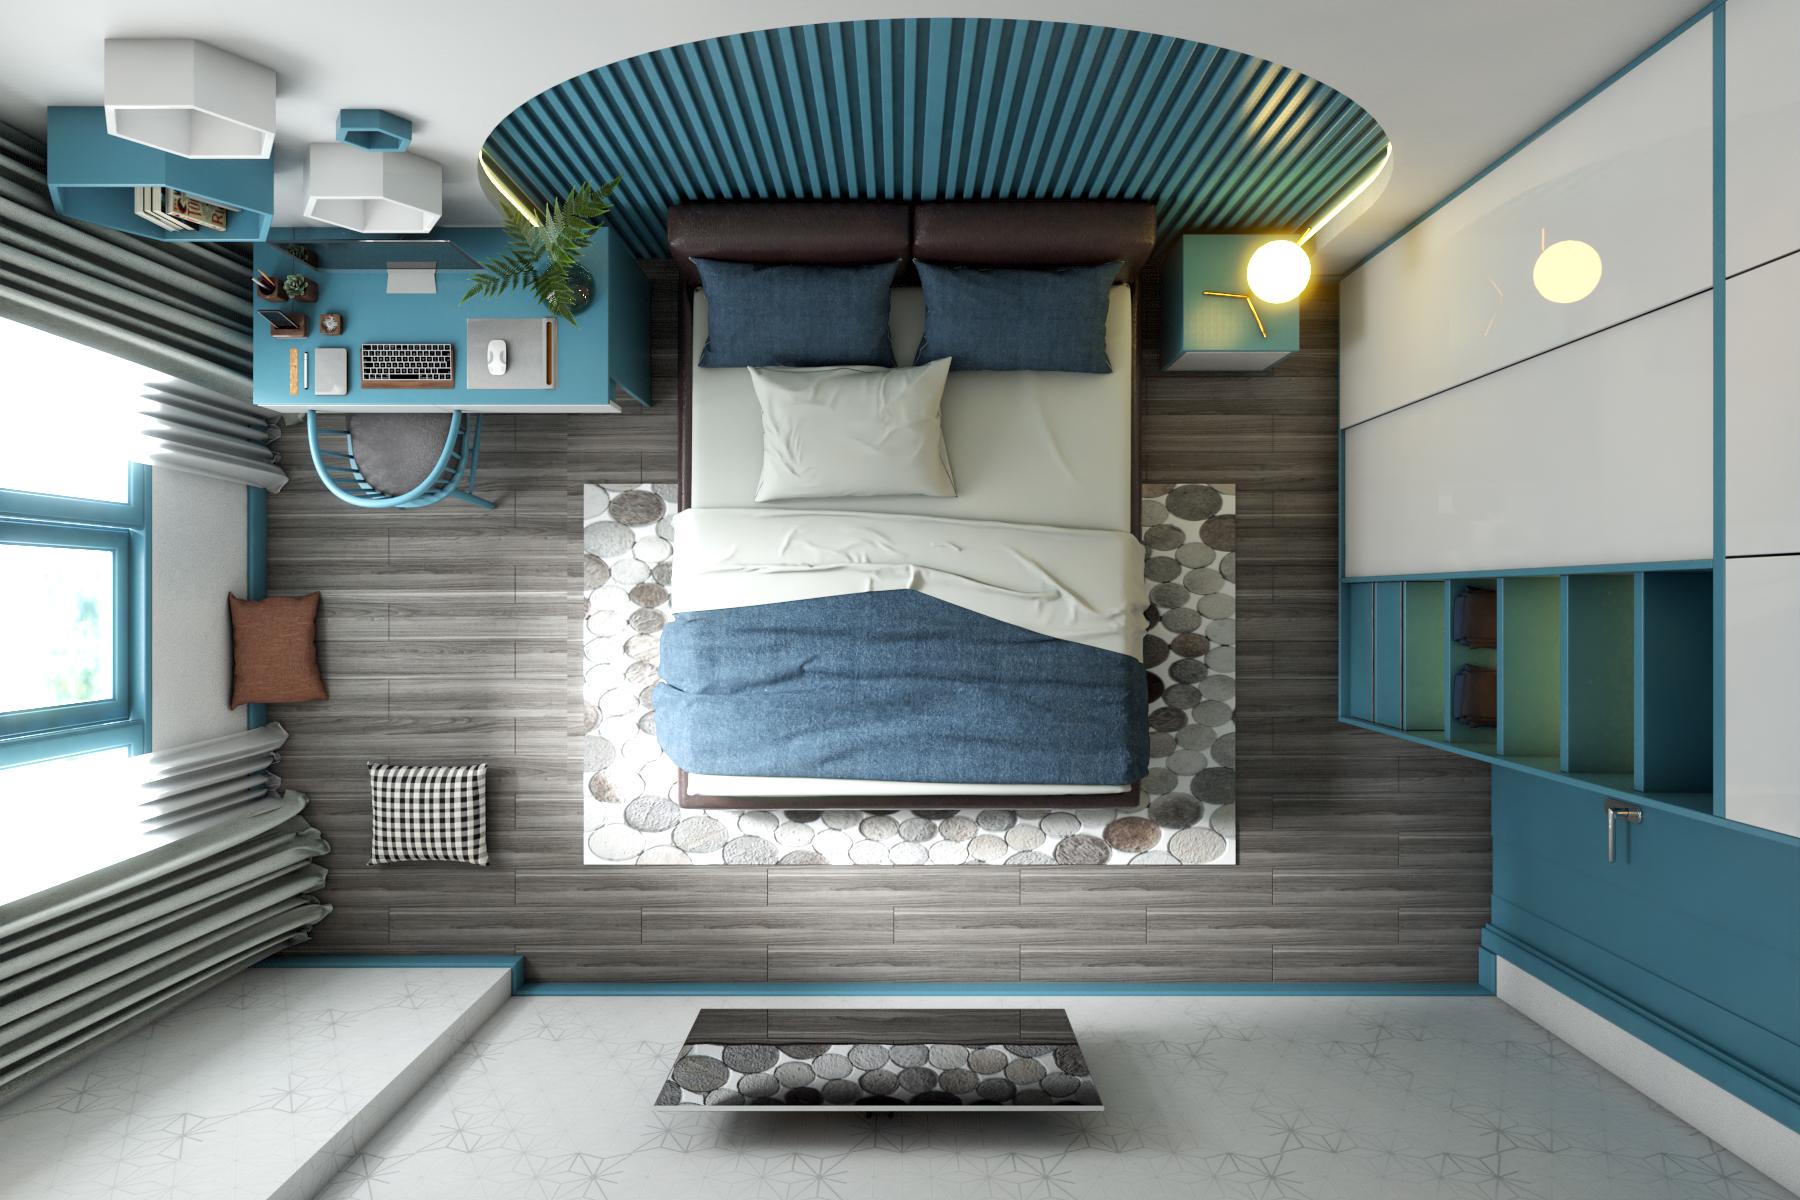 Thiết kế nội thất Nhà Mặt Phố tại Hà Nội cải tạo nội thất nhà phố 1584583716 3